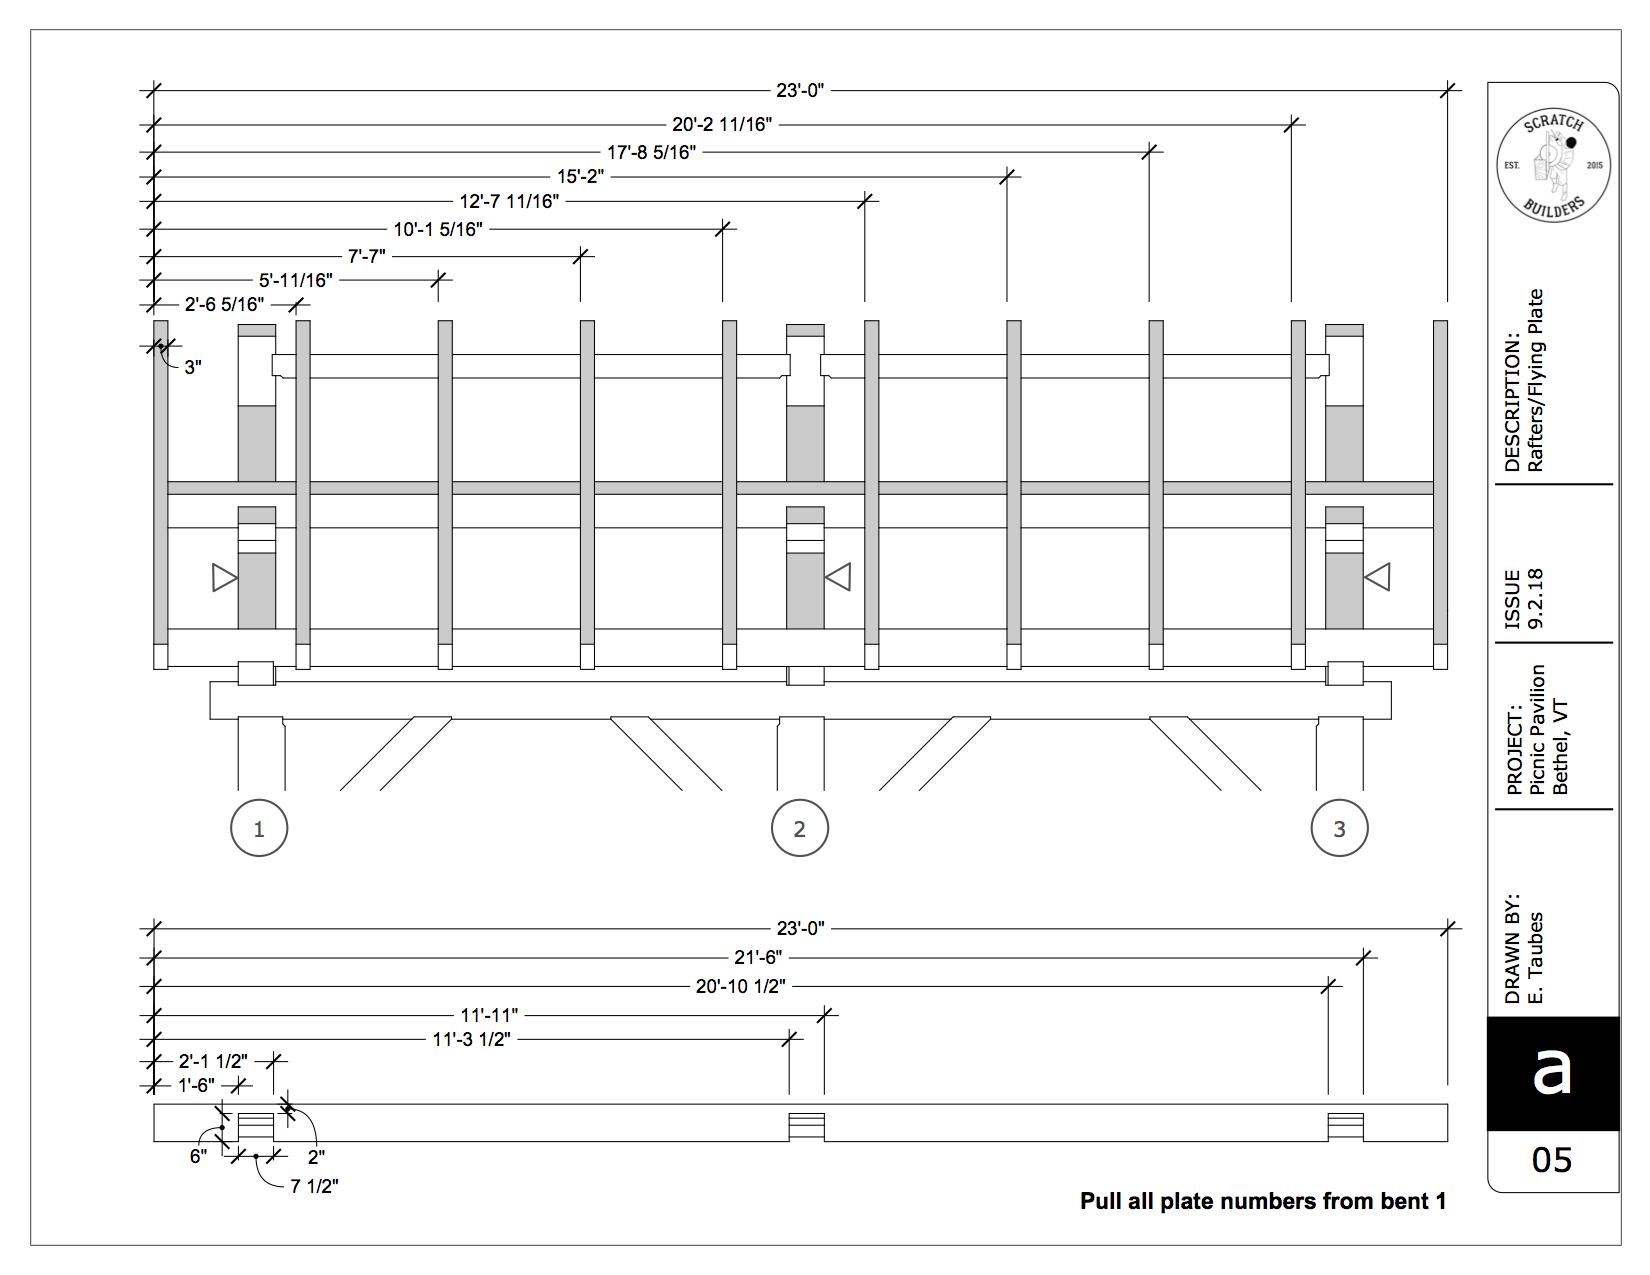 Strafford Drawing copy (dragged) 4.jpg